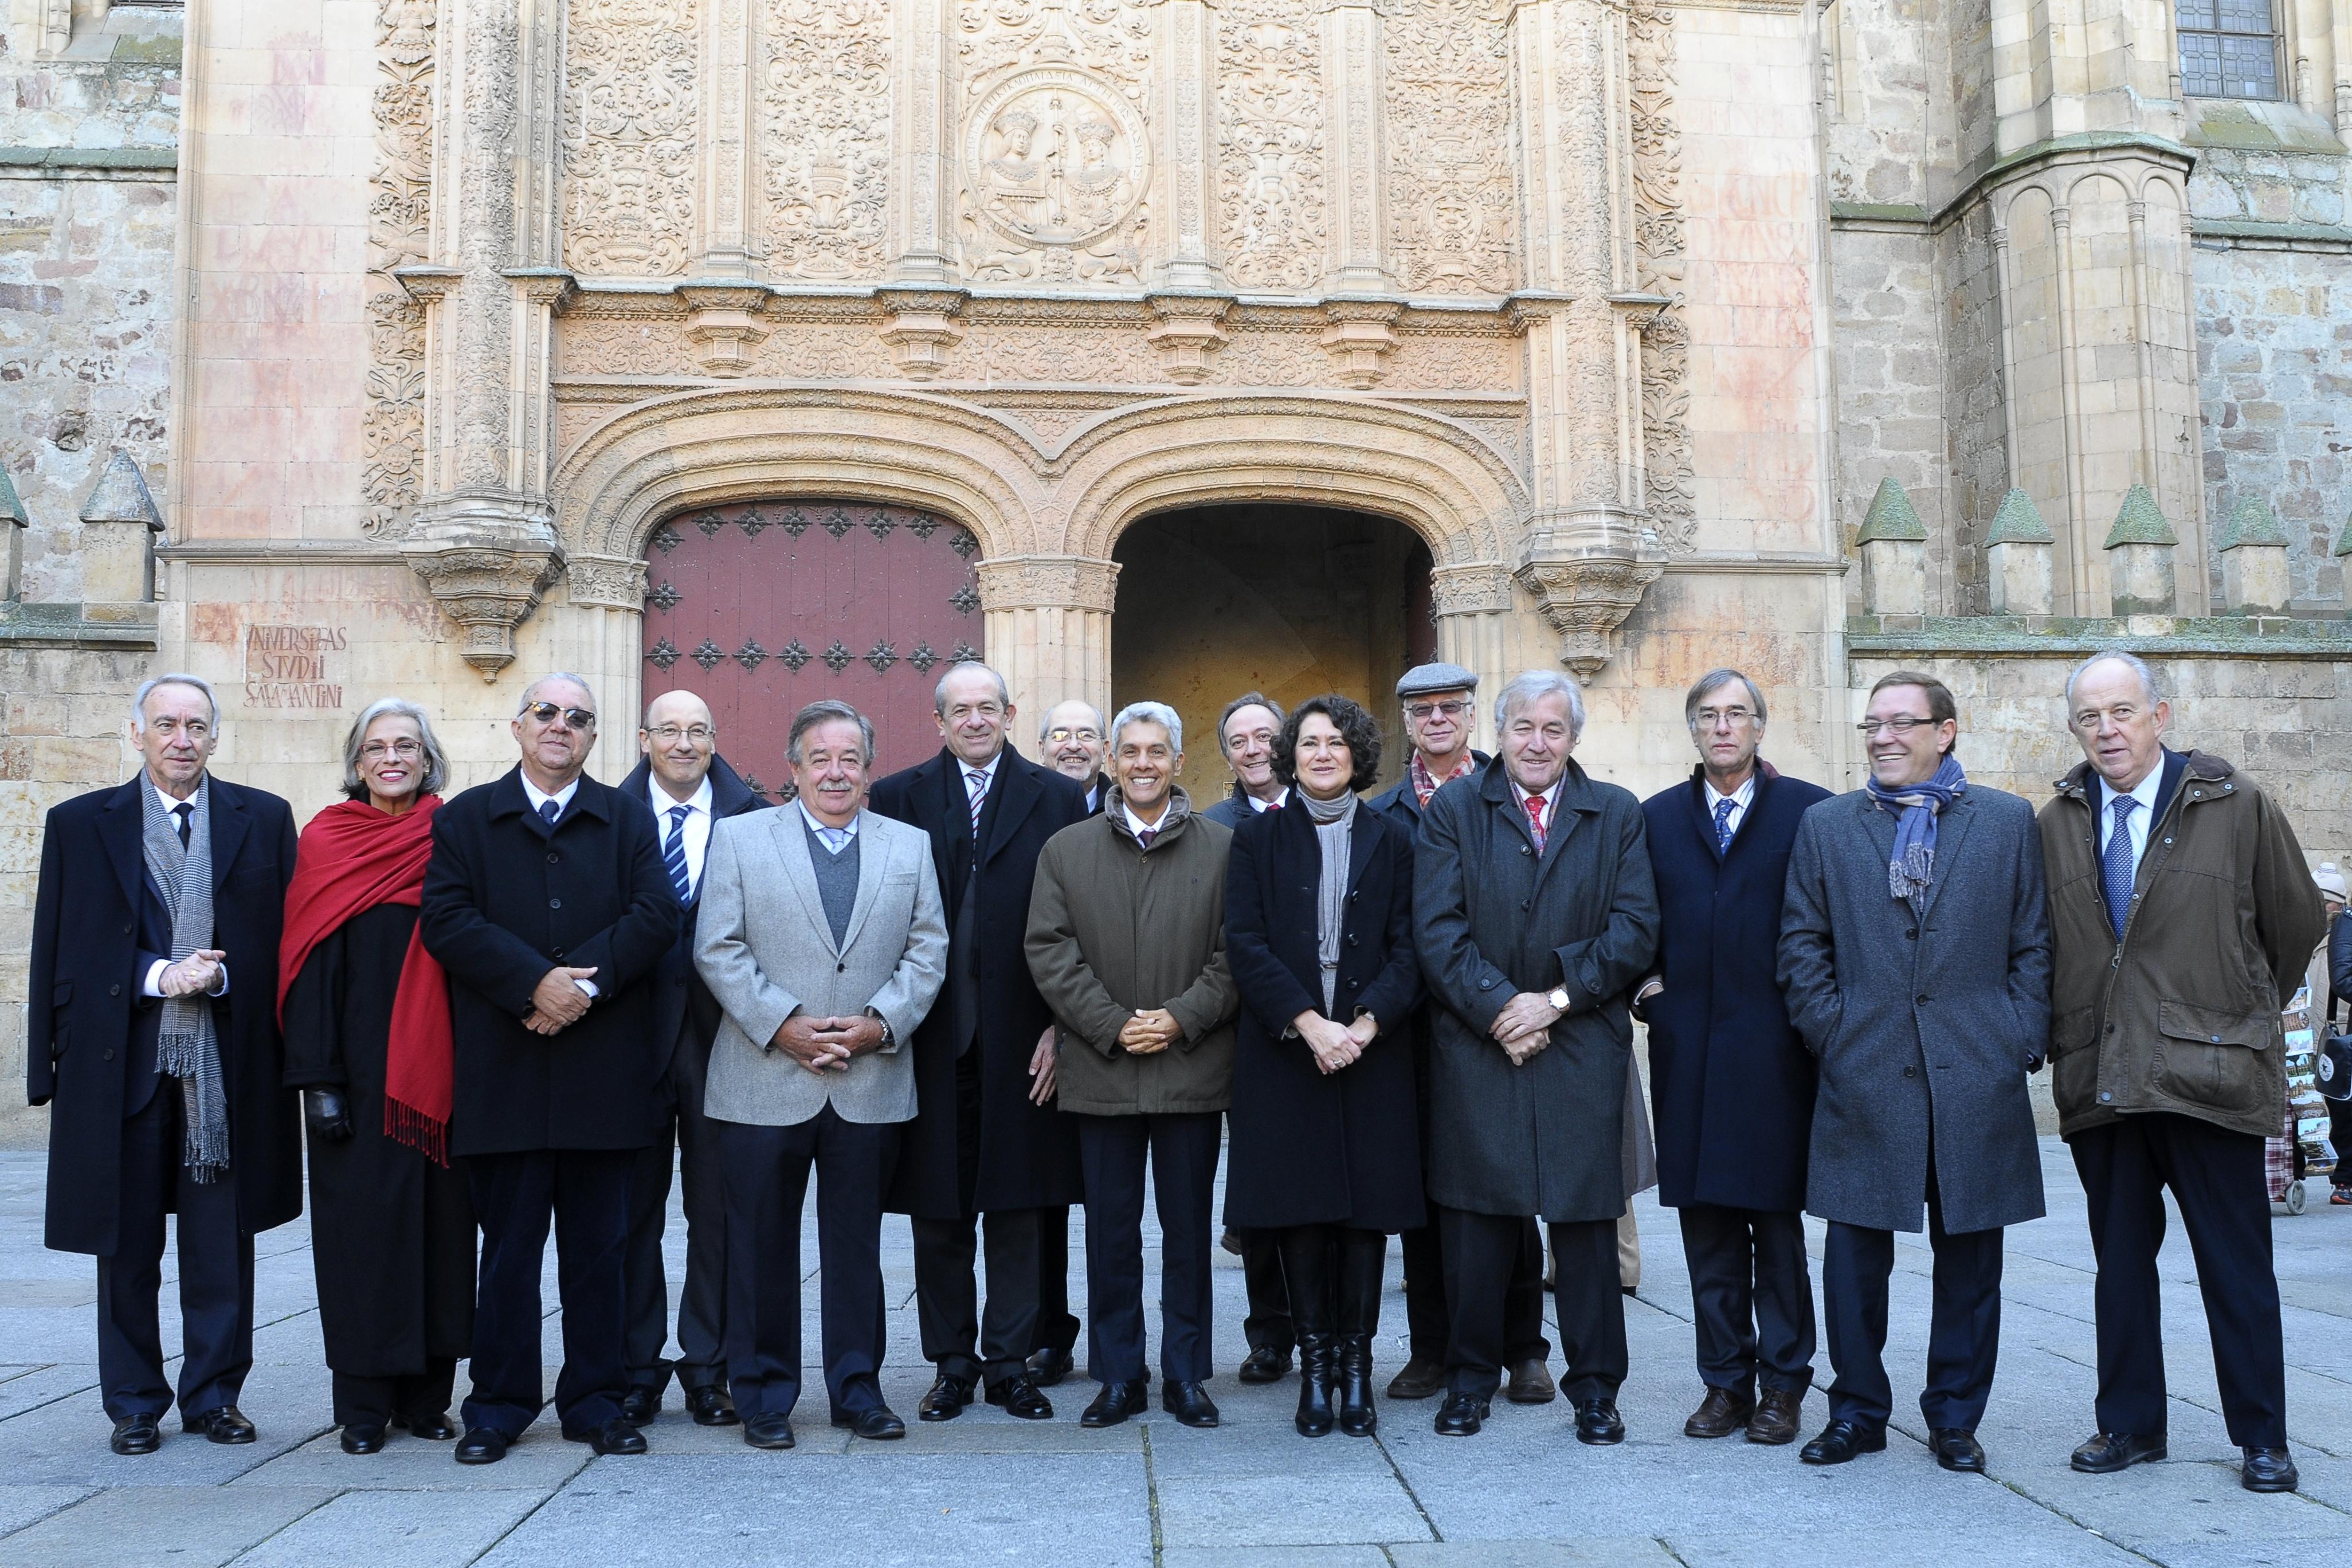 El Centro de Estudios Brasileños acoge la reunión del Comité Académico del III Encuentro Internacional de Rectores Universia